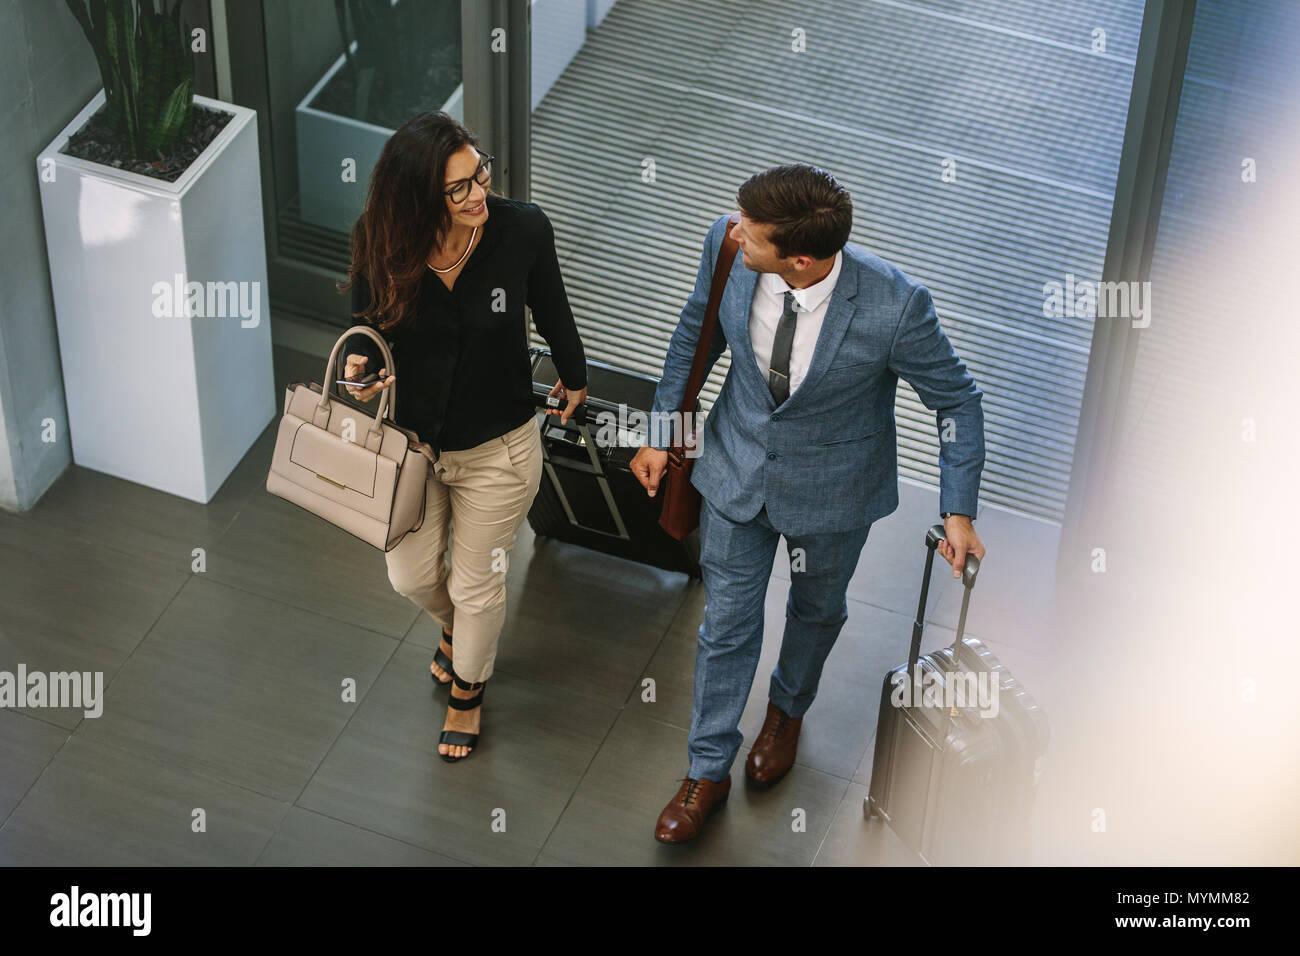 Kaufmann und Frau zusammen wandern mit Gepäck und sprechen. Geschäft Leute ankommen für Konferenz. Stockbild